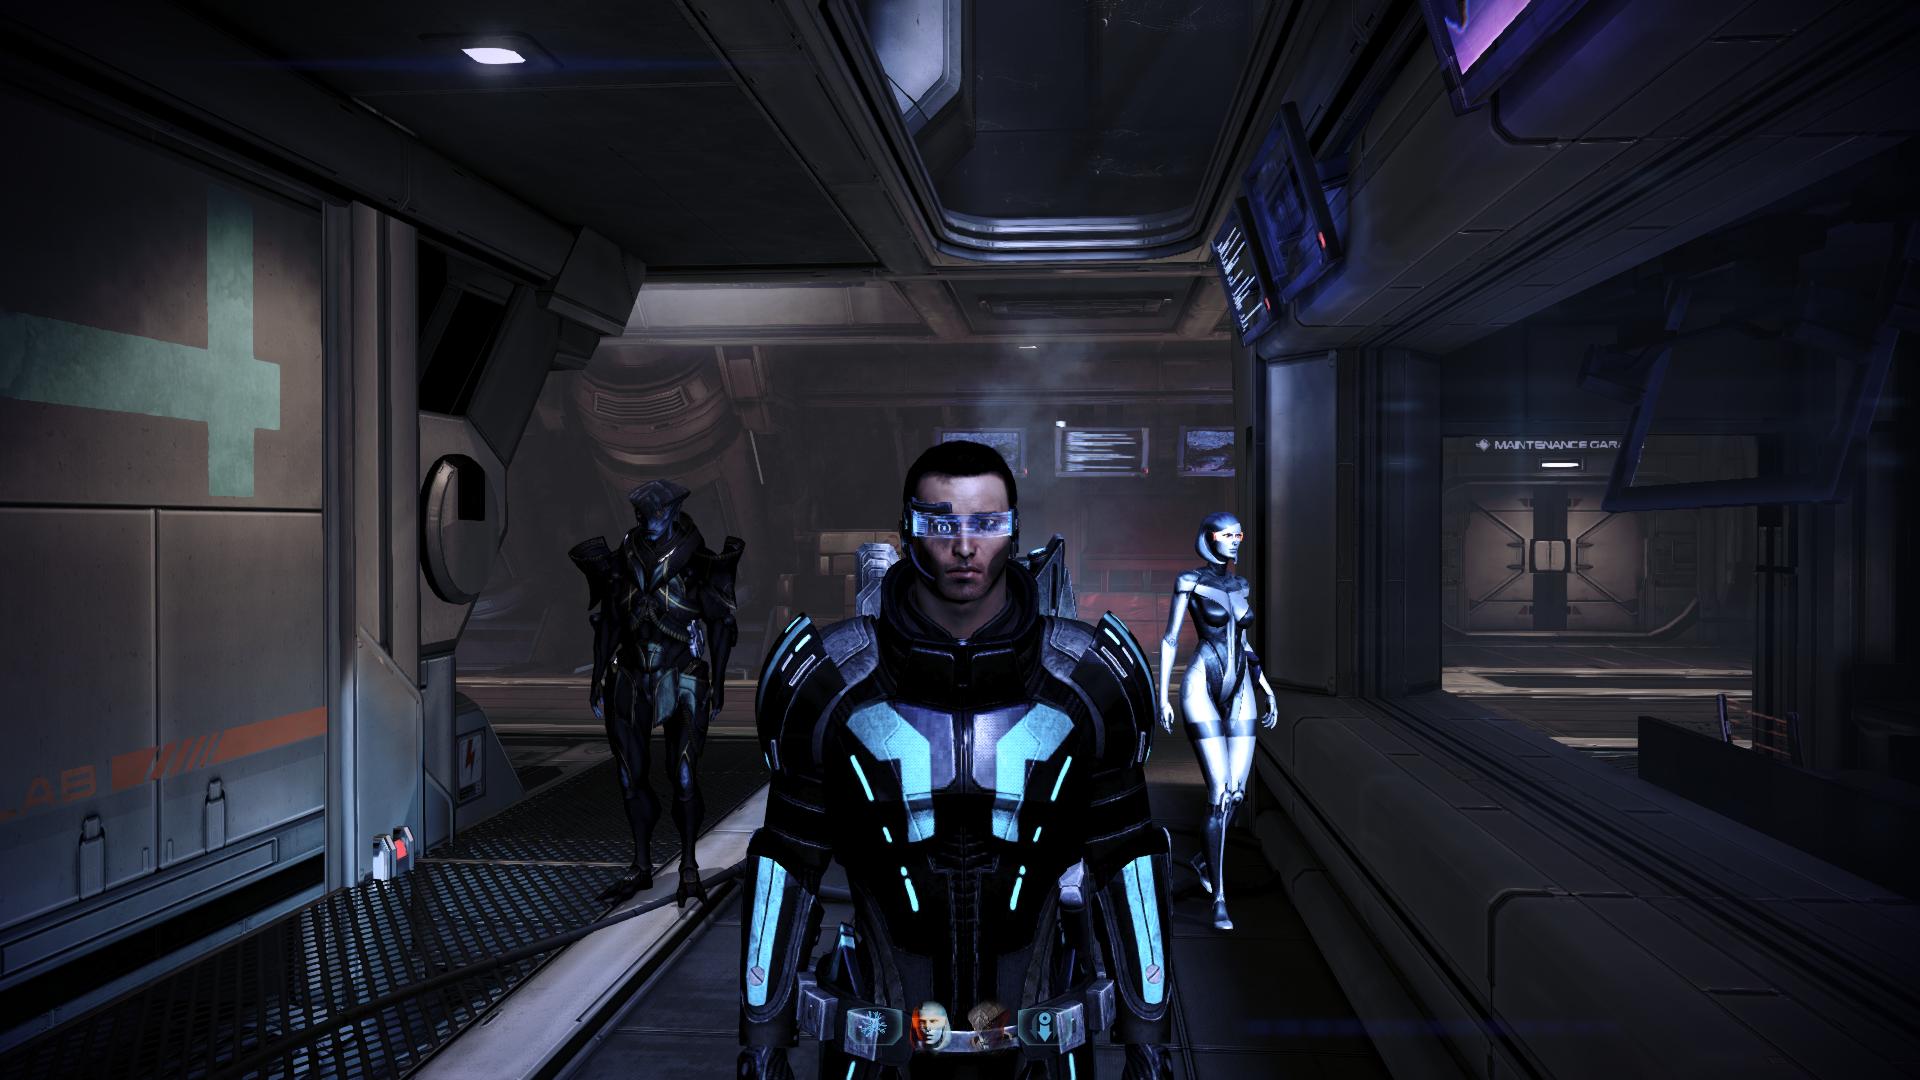 Мой персонаж (mass effect) - Mass Effect 3